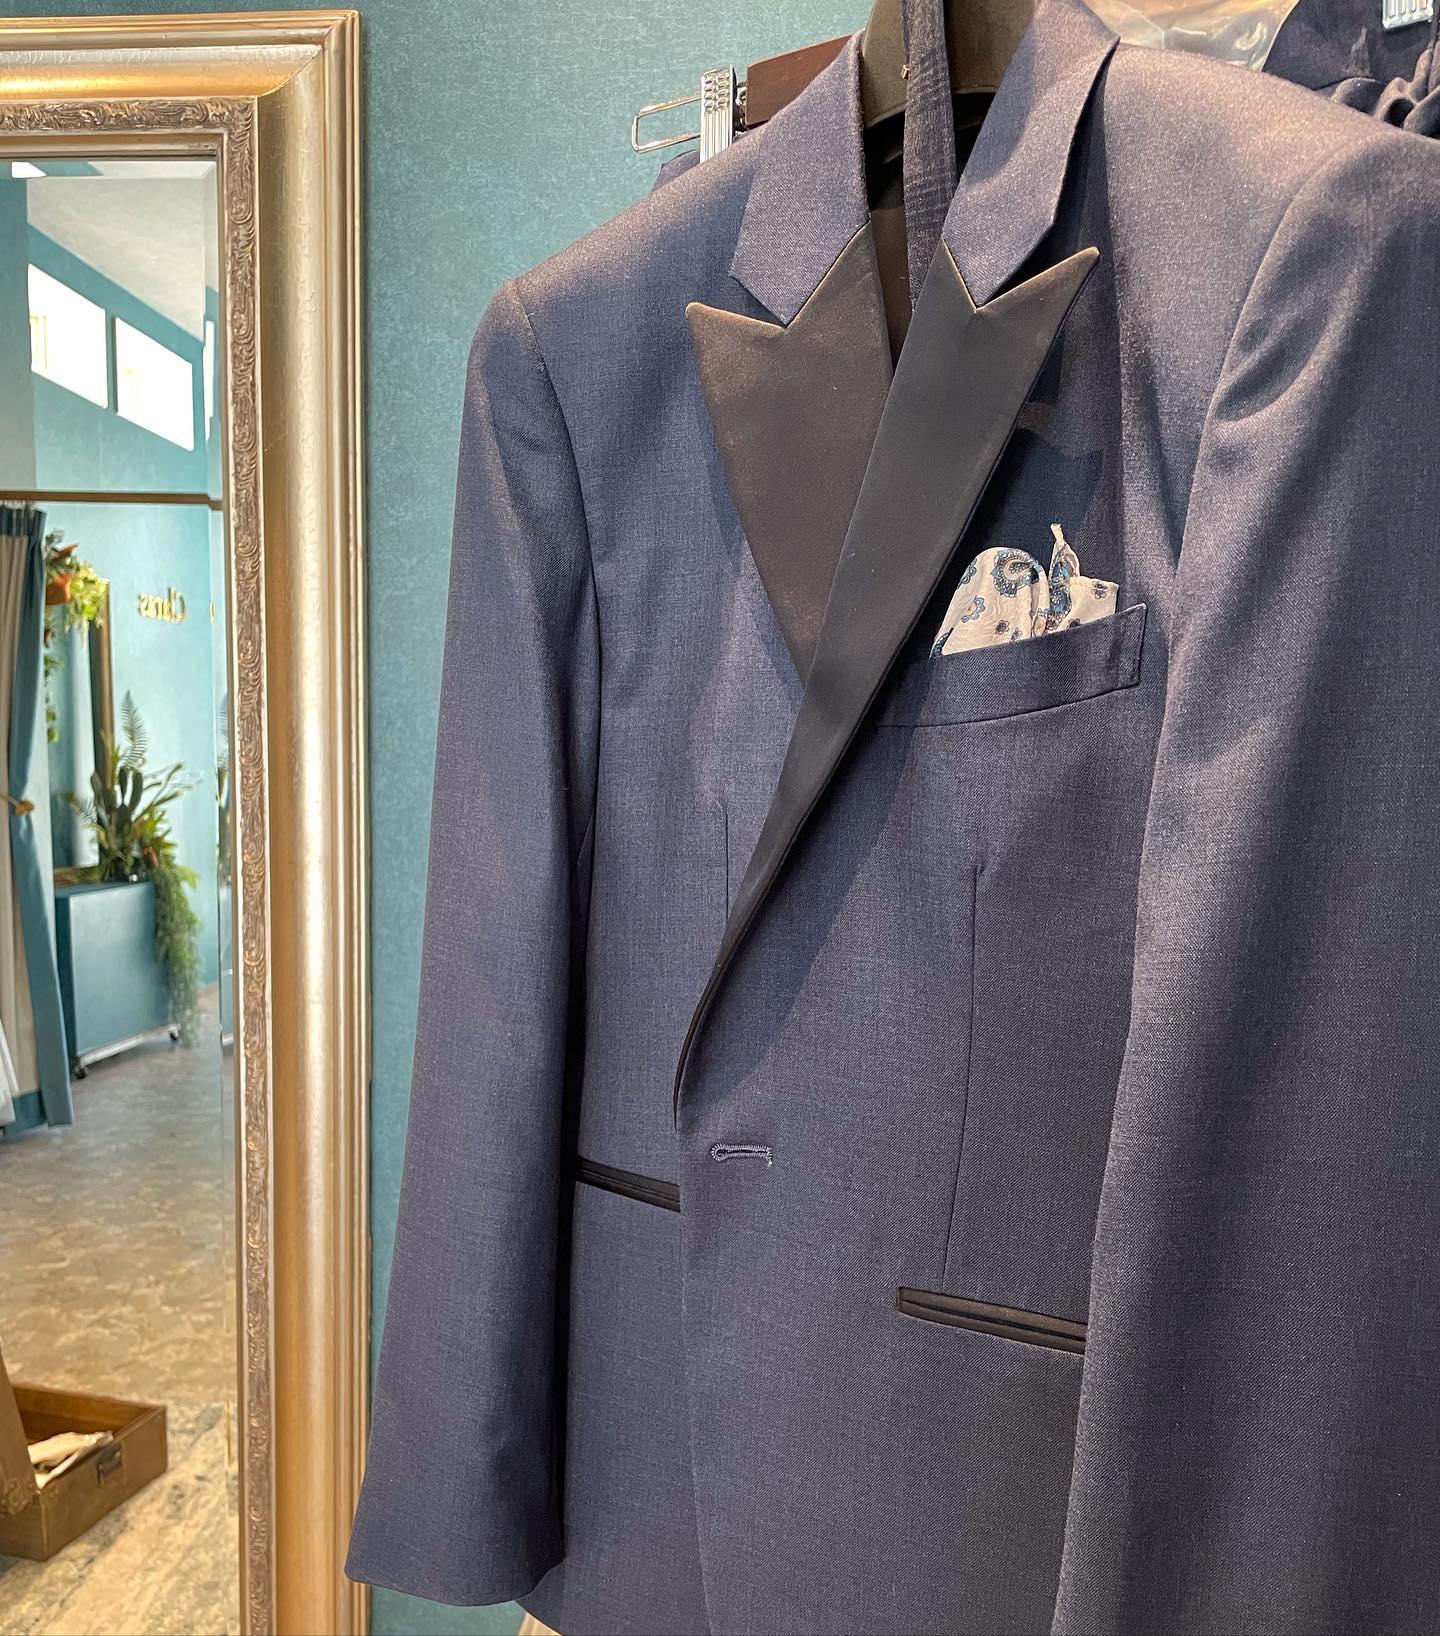 """・Clarasではセミオーダーのタキシードも承れます🤵♂️・ご新婦様がdressを購入ならご新郎様もご一緒にcoordinate🤍お2人揃って初めて完成するスタイリングぜひお気軽にご相談下さいませ・New Normal Wedding Salon""""Claras""""https://claras.jp/・about """"Claras""""…(ラテン語で、明るい·輝く)As(明日· 未来, フランス語て最高、一番) ・明るく輝く明日(未来) に貢献したいという想いを込めています🕊Fashionの都Parisをはじめ、欧米から選りすぐりのドレスをこれから出逢う花嫁のために取揃えました・2021.3.7 (Sun)NEW OPEN・Dressから始まるWedding Story""""憧れていた Dress選びから始まる結婚準備があったっていい""""・さまざまな新しい「価値」を創造し発信していきますこれからの新しい Wedding の常識を""""Claras """"から🕊・New Normal Wedding Salon【Claras】〒107-0061 東京都港区北青山2-9-14SISTER Bldg 1F(101) 東京メトロ銀座線 外苑前駅3番出ロより徒歩2分Tel:03 6910 5163HP: https://claras.jp営業時間:平日 12:00-19:00土日祝11:00-18:00(定休日:月・火)・#wedding #weddingdress #instagood #instalike #claras #paris #vowrenewal#ウェディングドレス #プレ花嫁 #ドレス試着 #ドレス迷子#2021夏婚 #2021冬婚 #ヘアメイク #結婚式  #インポートドレス #フォトウェディング #ウェディングヘア  #フォト婚 #ニューノーマル #ブライダルフォト #カップルフォト #ウェディングドレス探し #ウェディングドレス試着 #セルドレス #ドレスショップ #バウリニューアル #運命のドレス #セミオーダー #オーダースーツ"""